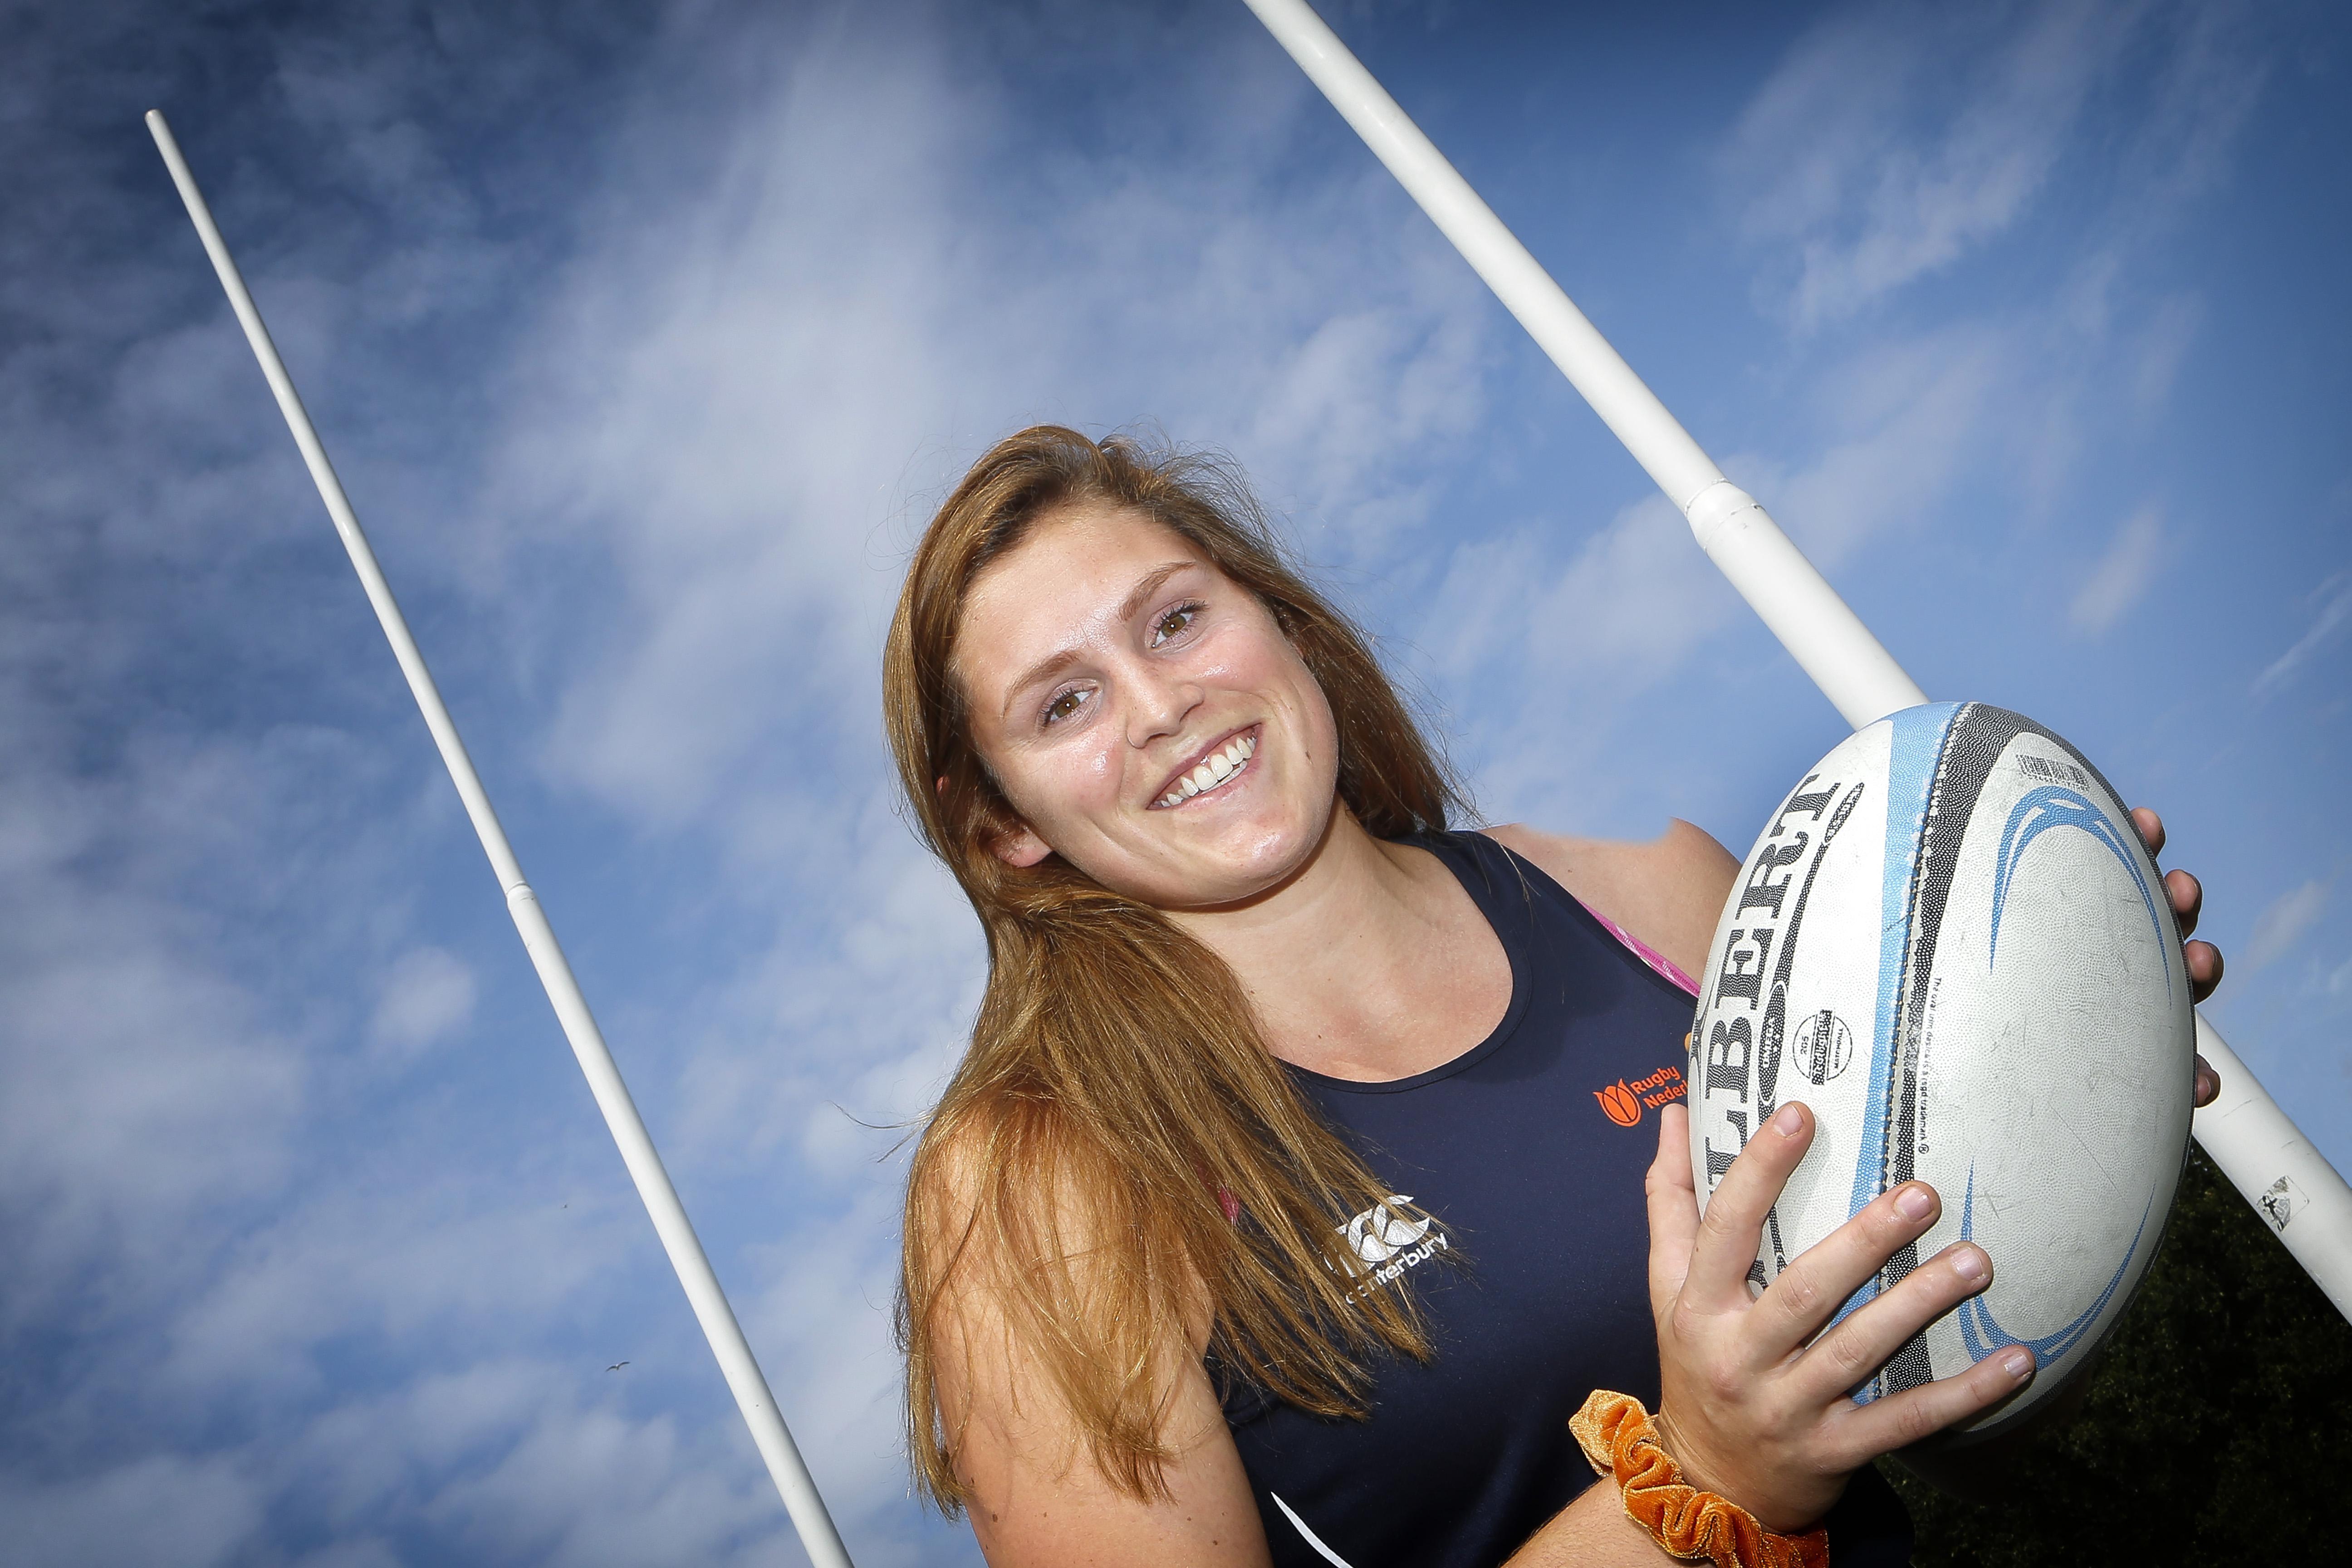 Linde van der Velden verruilt Toulouse voor Exeter: 'Het Engelse rugby ligt mij beter dan het Franse spelletje' [video]